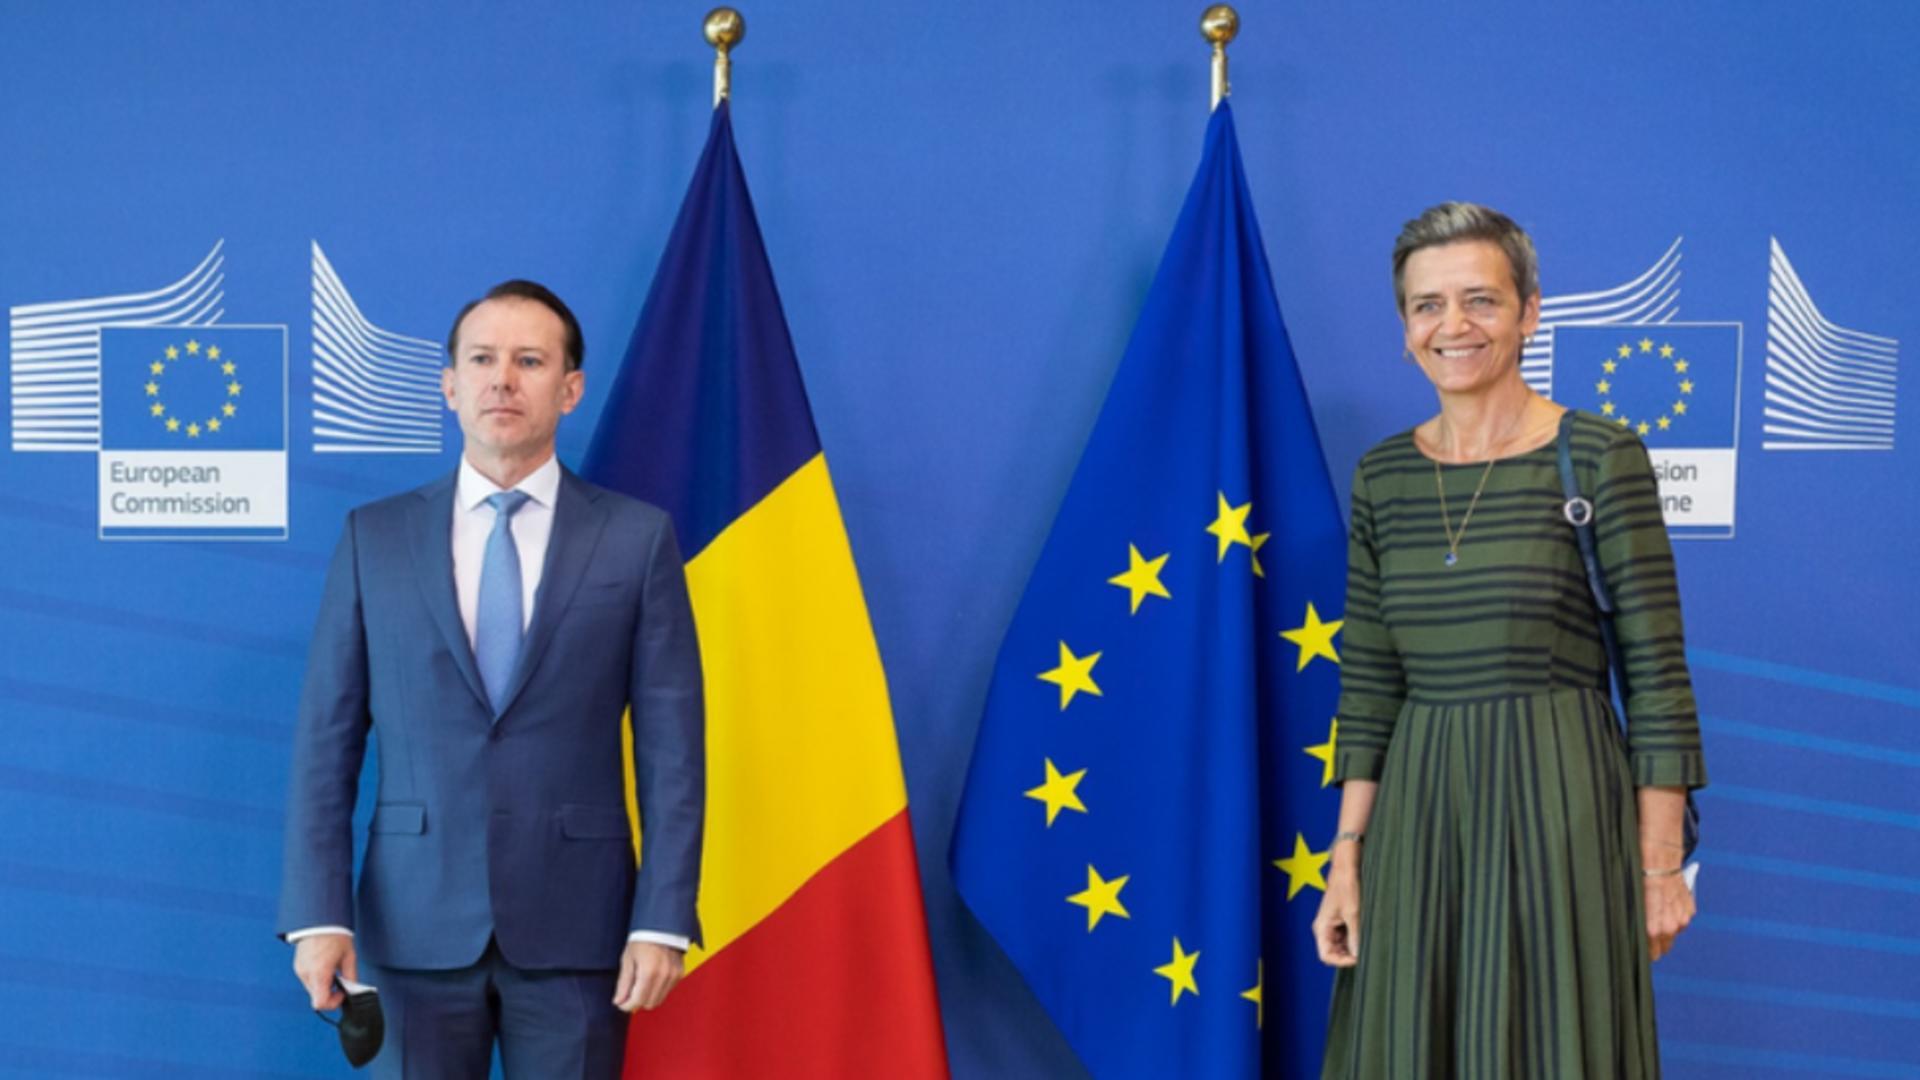 Premierul Florin Cîțu, la Bruxelles: Sunt recunoscător Comisiei Europene pentru sprijin, îndrumare şi cooperare Foto: Facebook.com